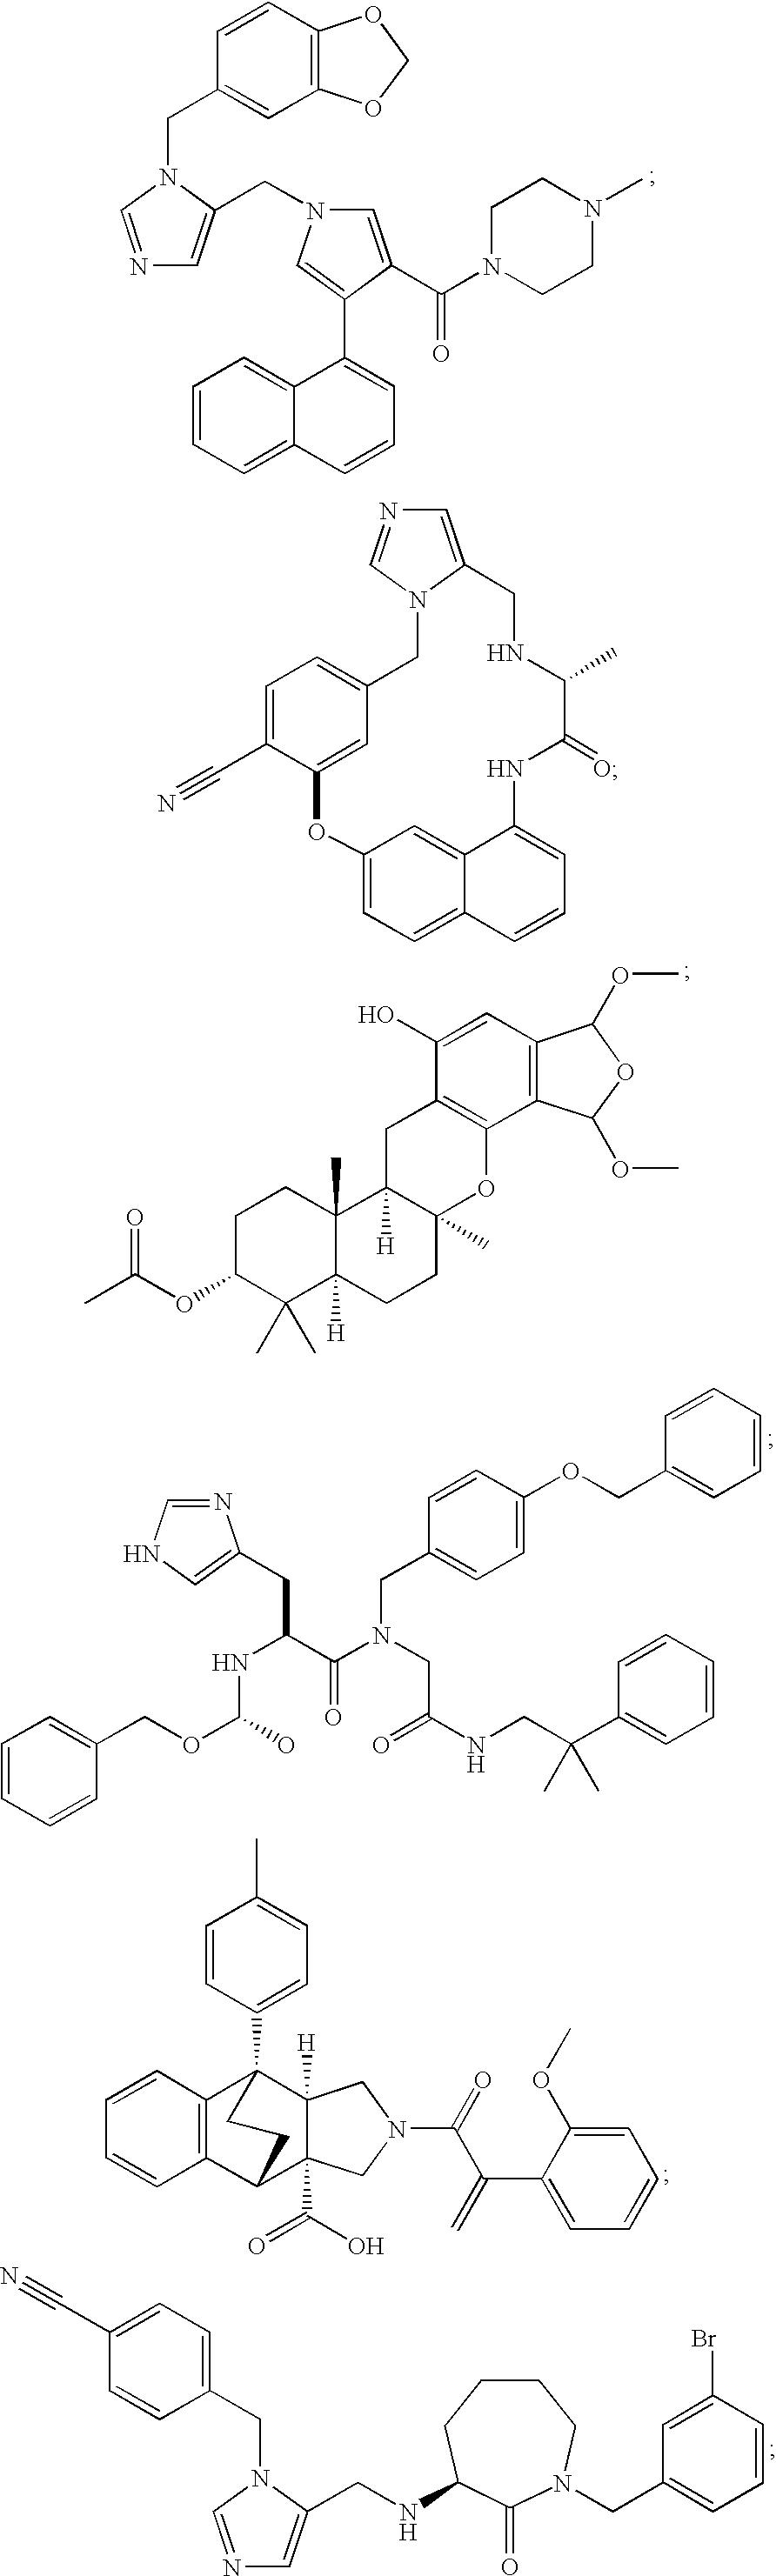 Figure US20080090242A1-20080417-C00003